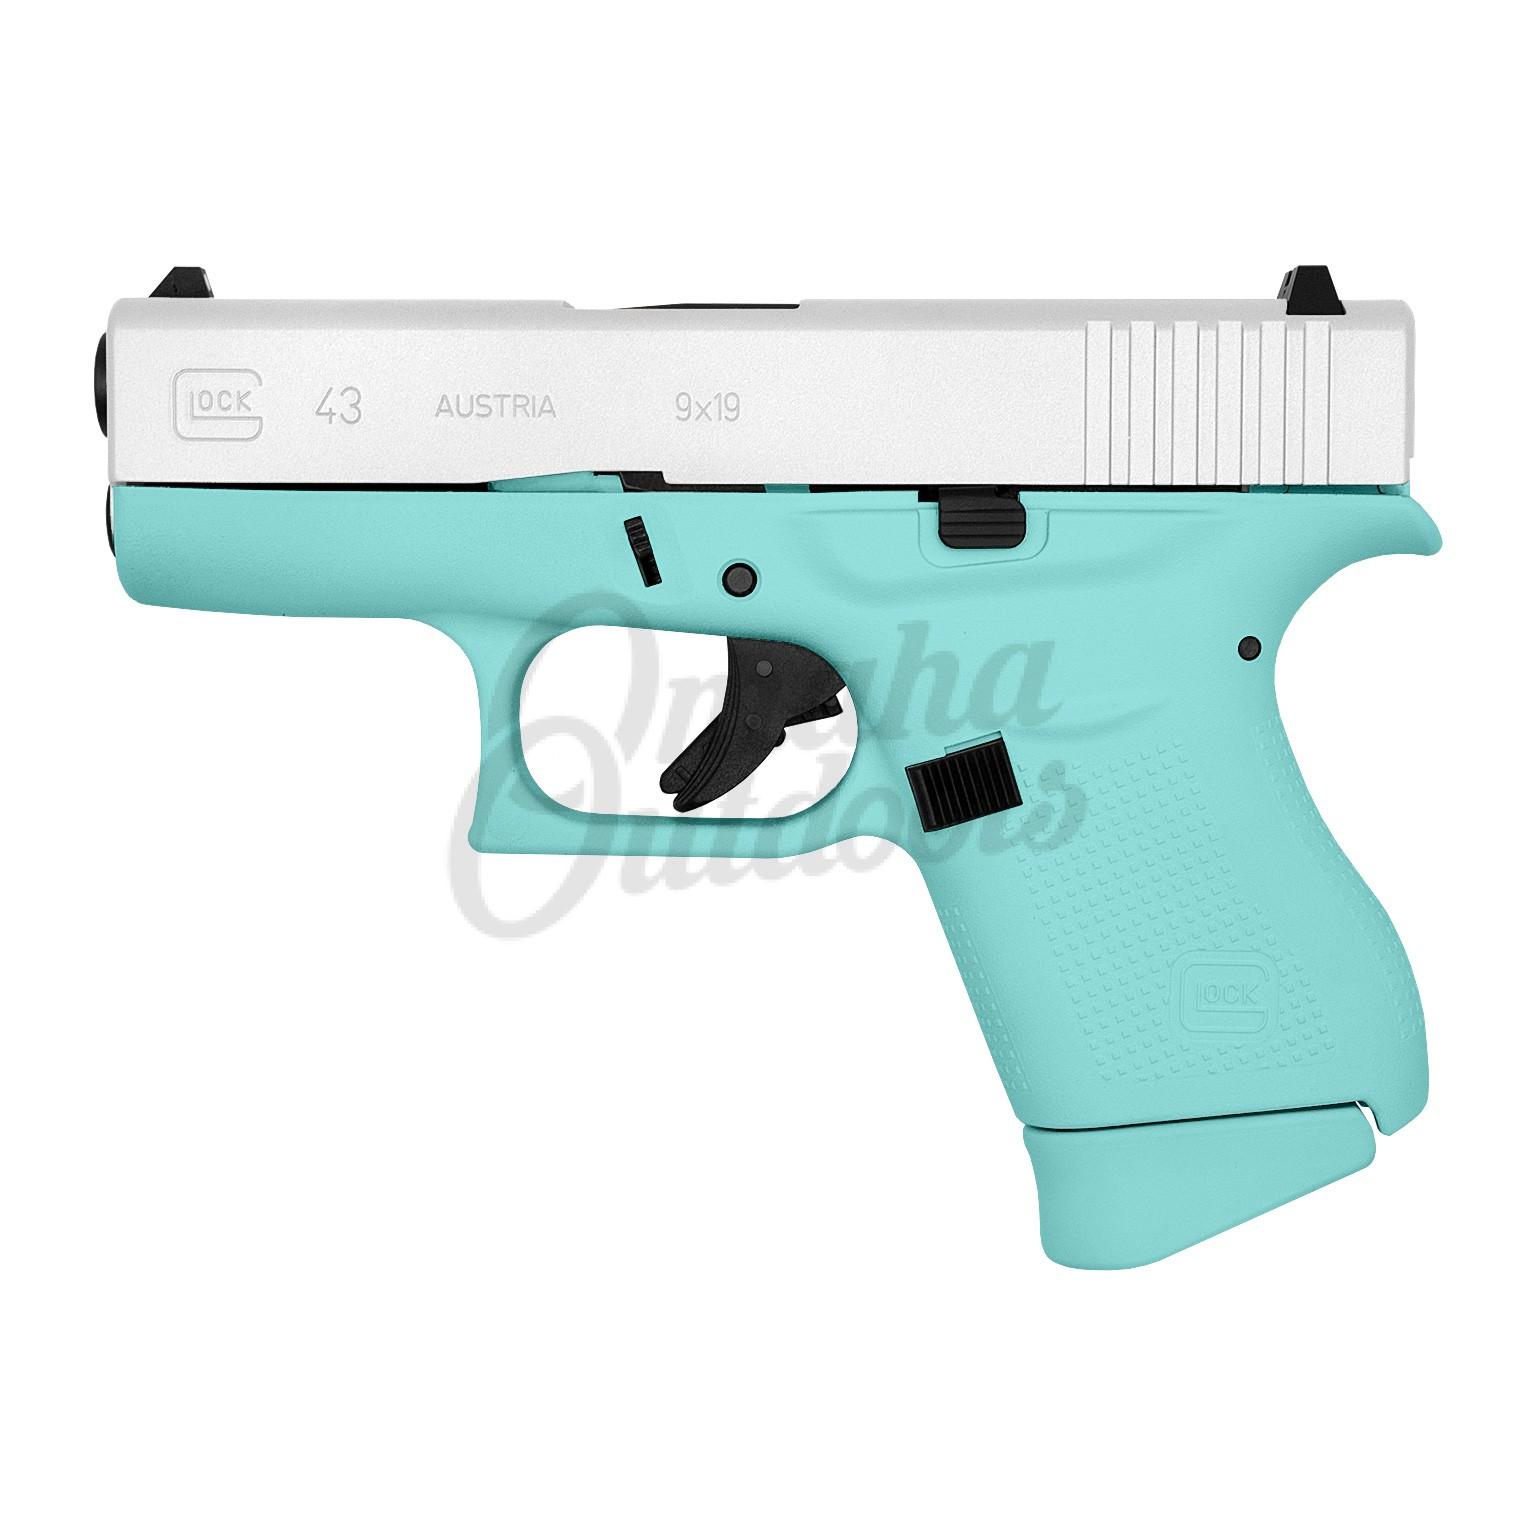 Glock 43 Vera Blue Pistol 6 Rd 9mm Satin Aluminum Slide Pi4350201 Vbsa